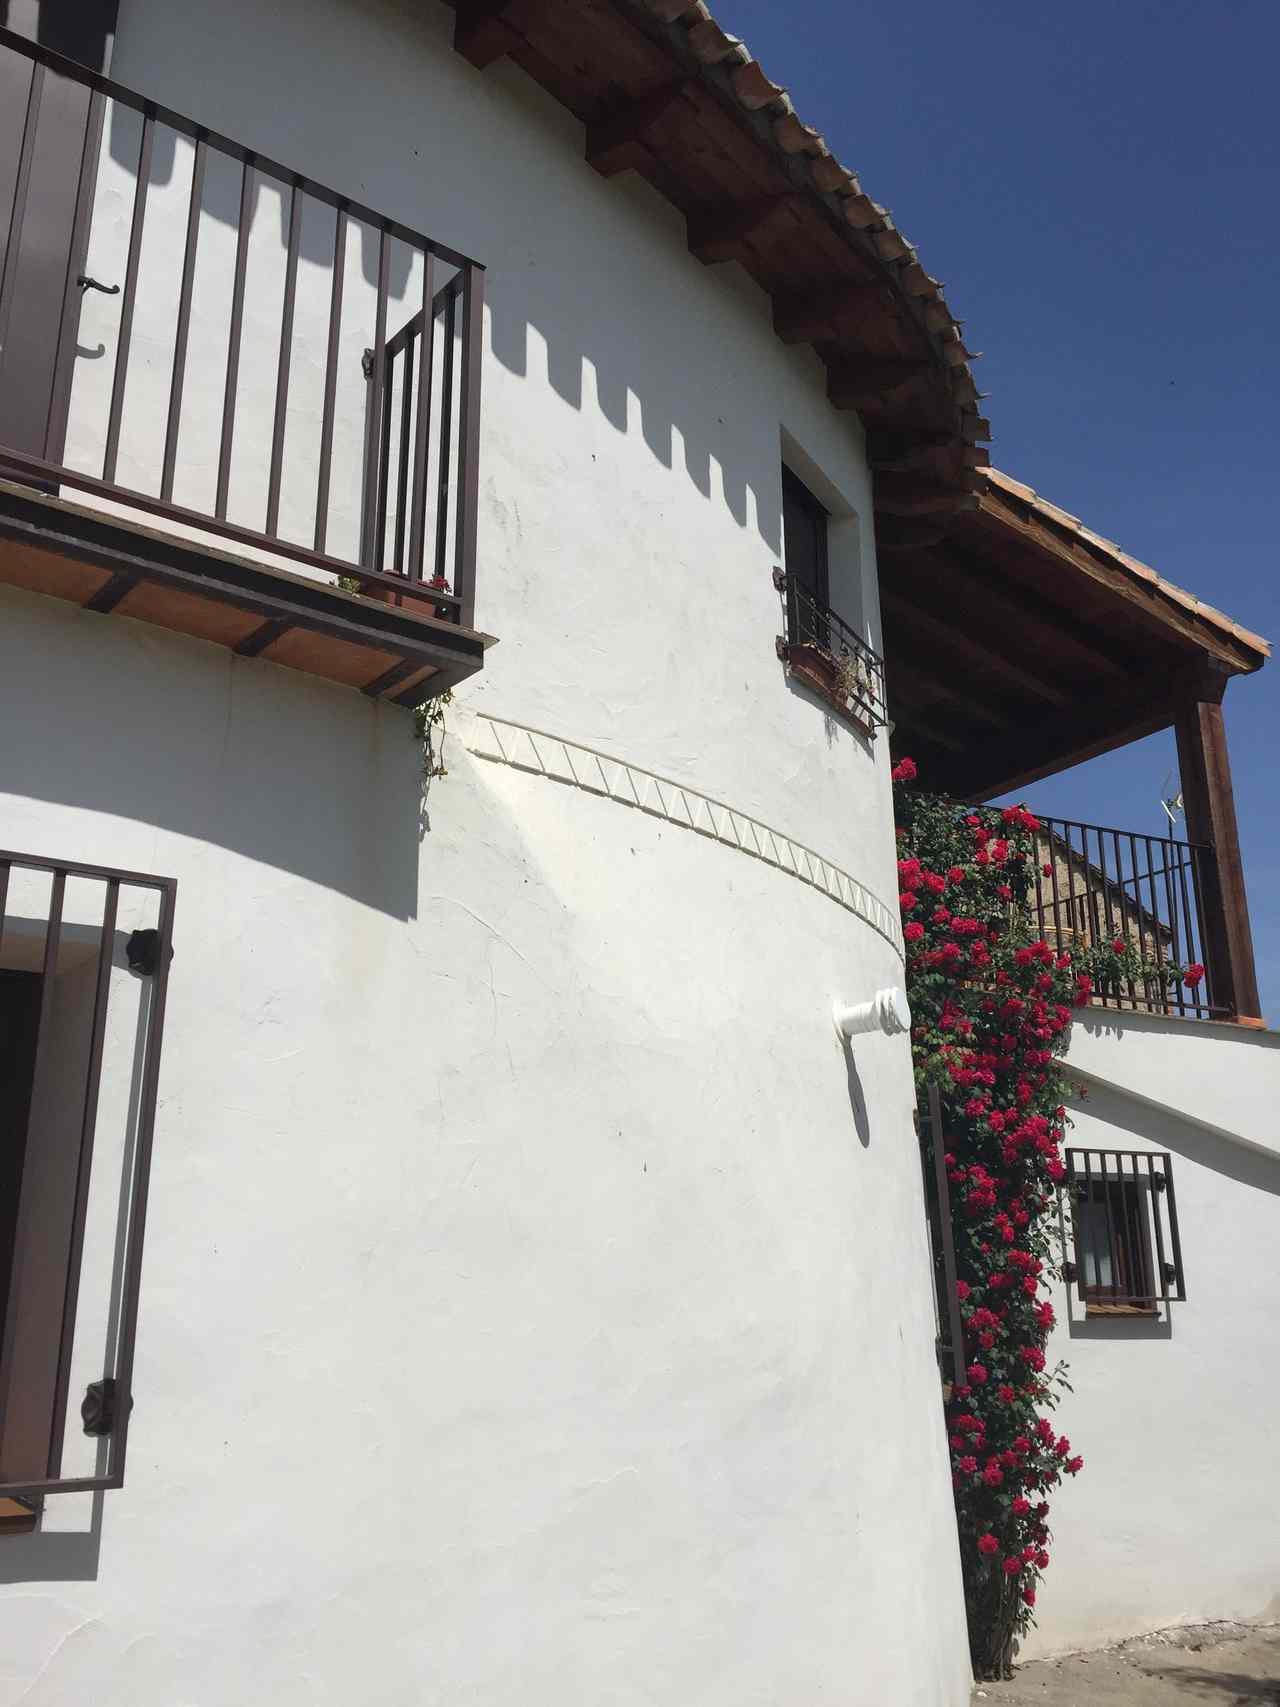 Alquiler vacaciones en Lanzahíta, Ávila